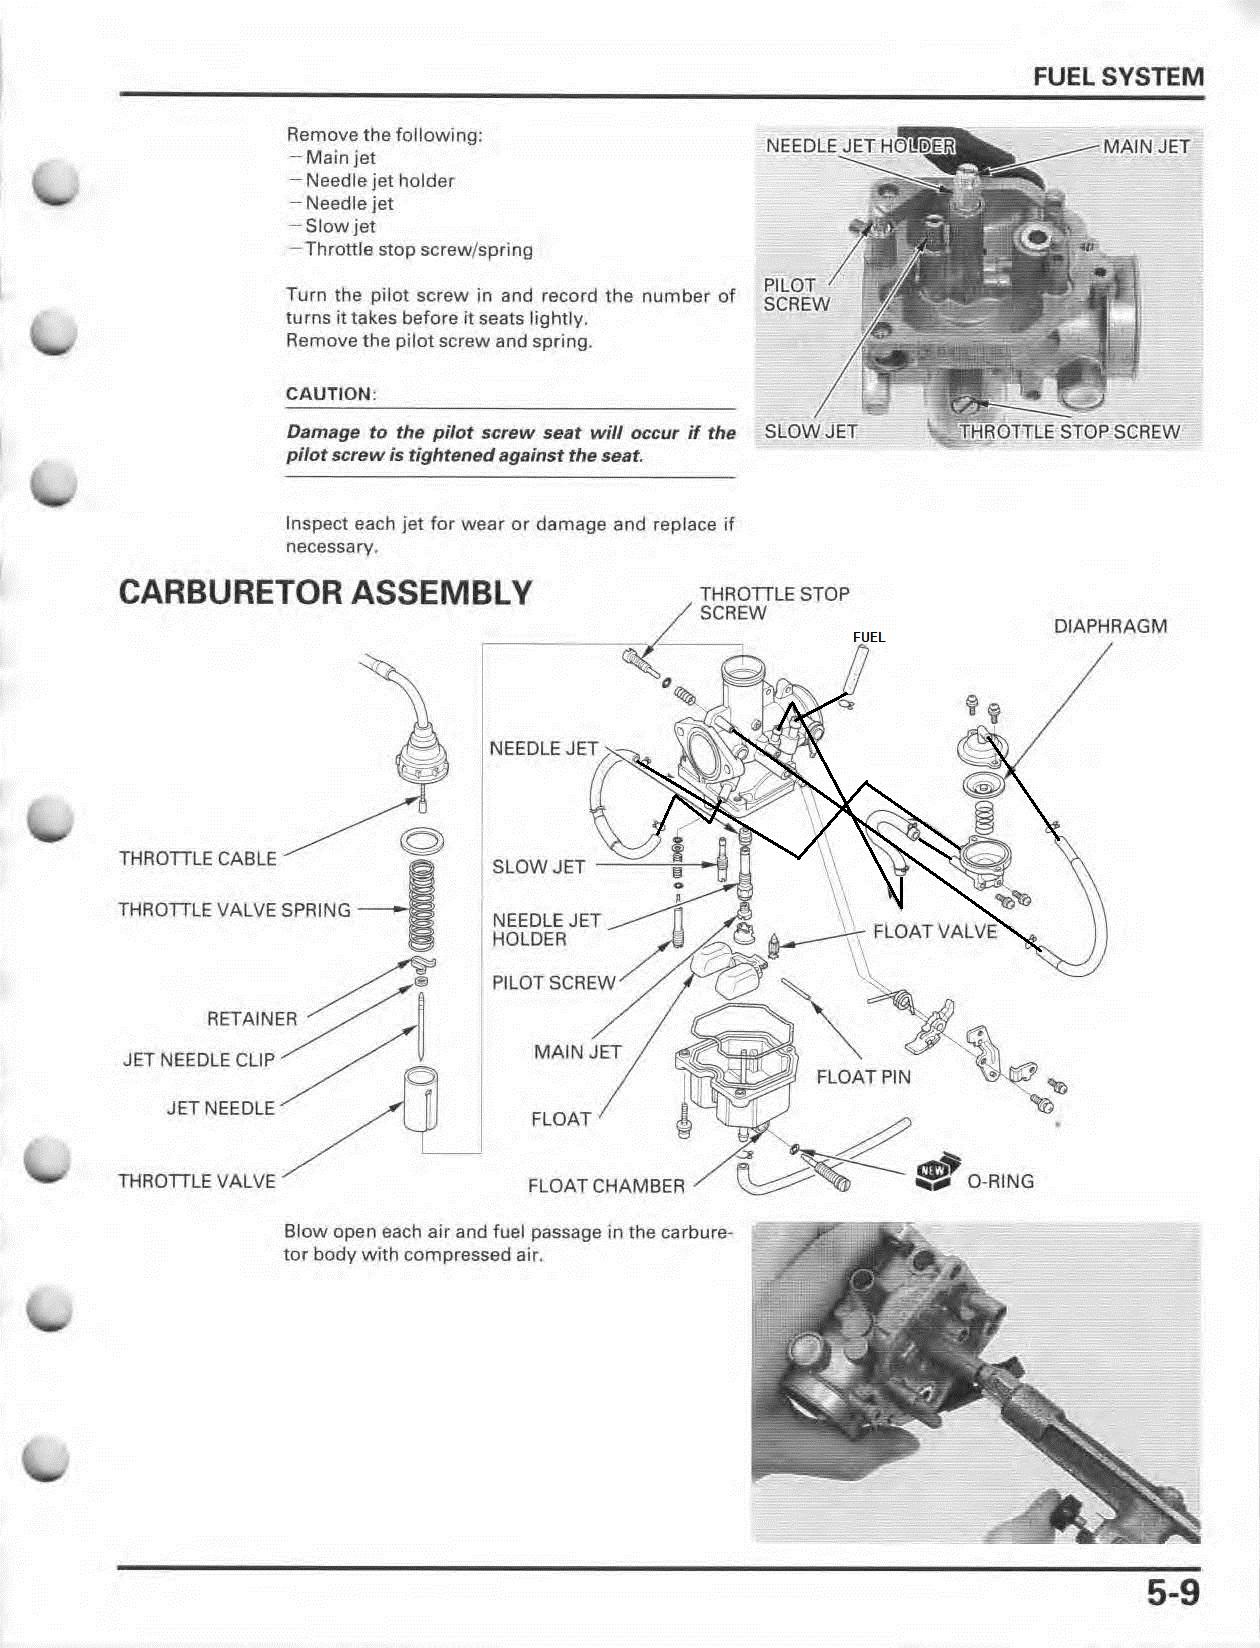 Honda Rancher 350 Carburetor Diagram : honda, rancher, carburetor, diagram, Routing, Honda, Forum